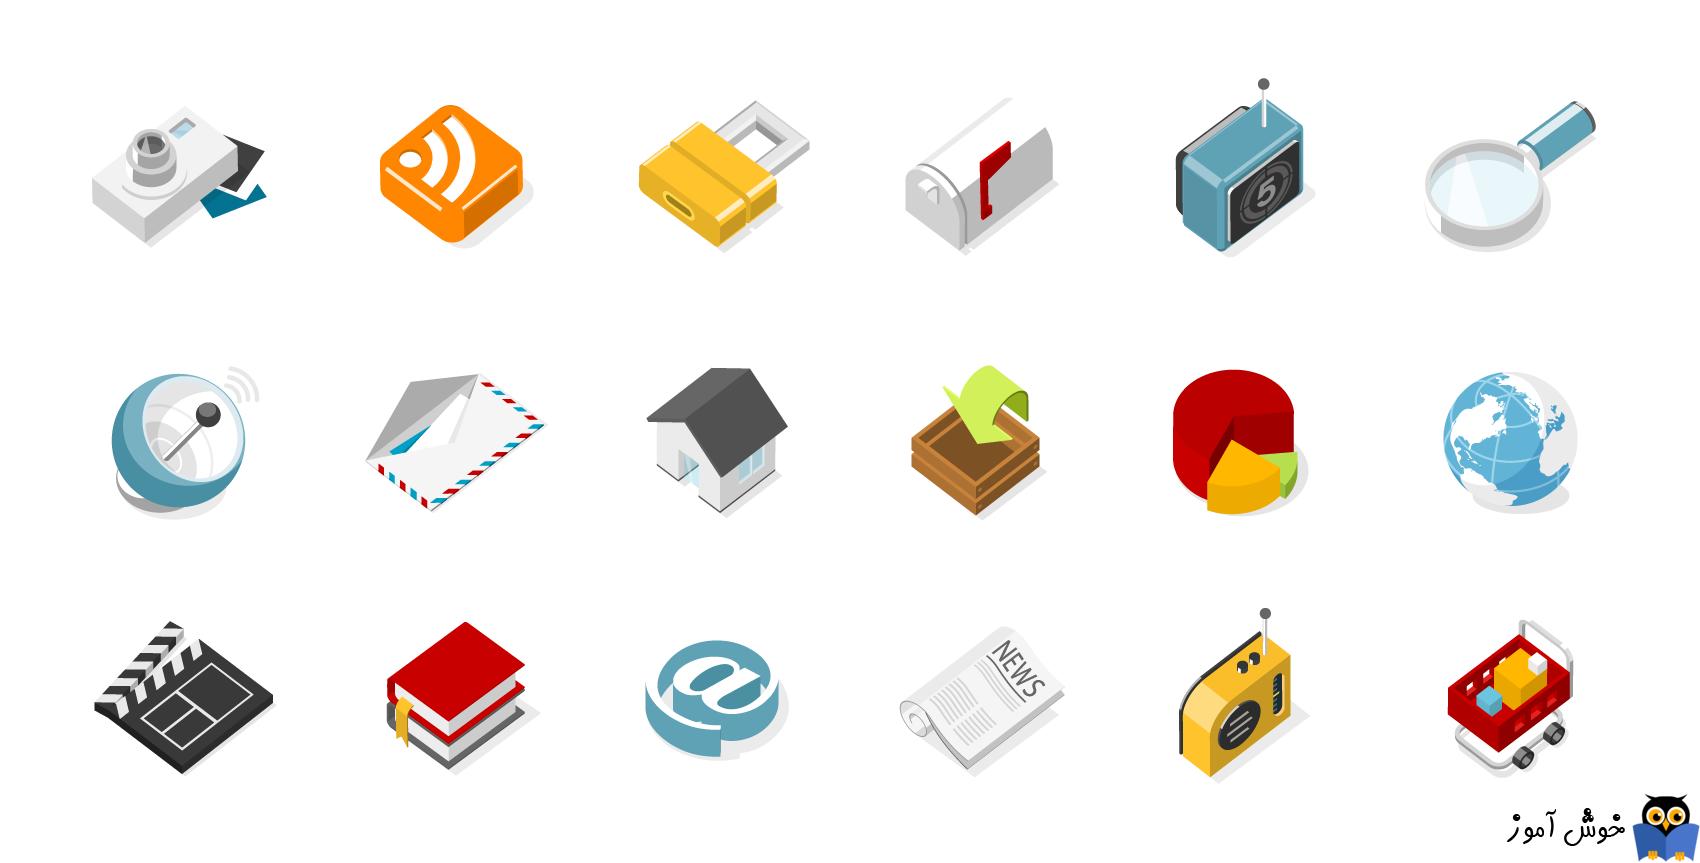 آموزش مایکروسافت exchange server 2016 - ایجاد Equipment mailbox